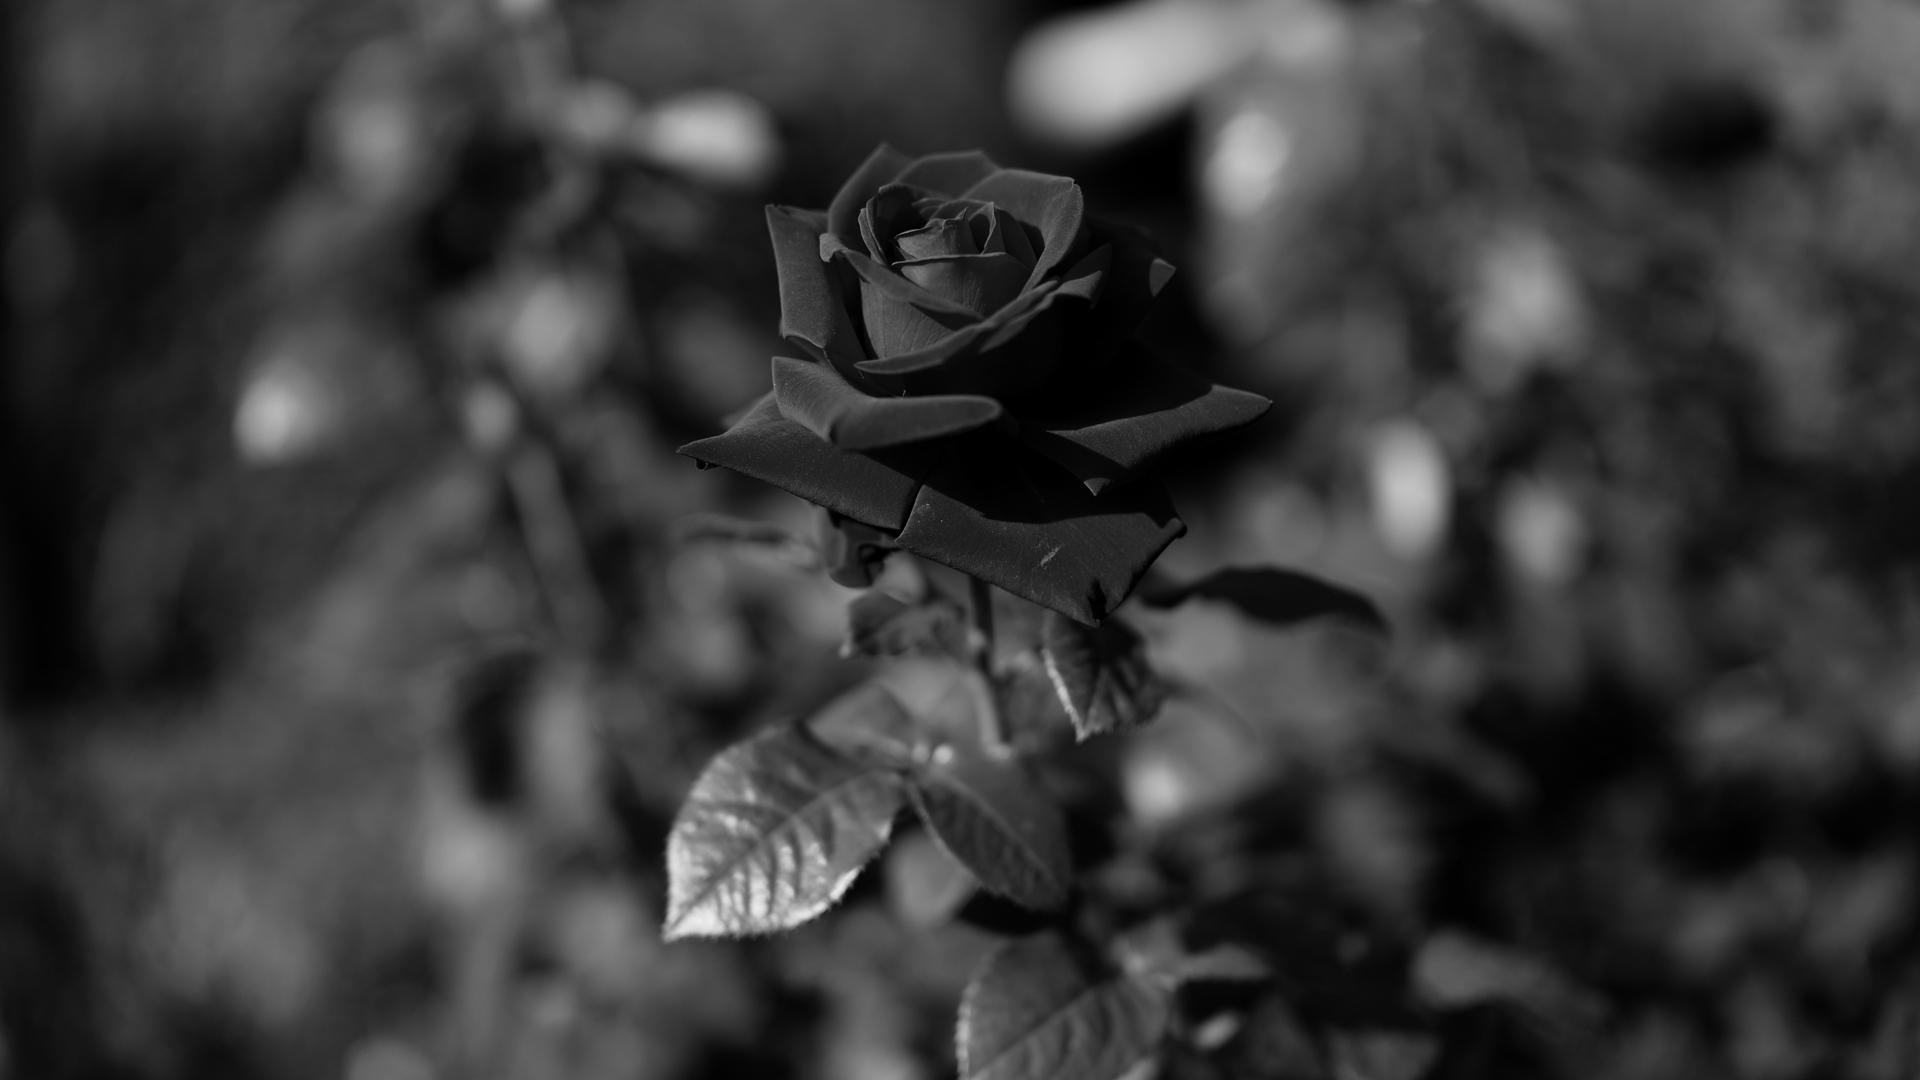 những hình ảnh trắng đen đẹp